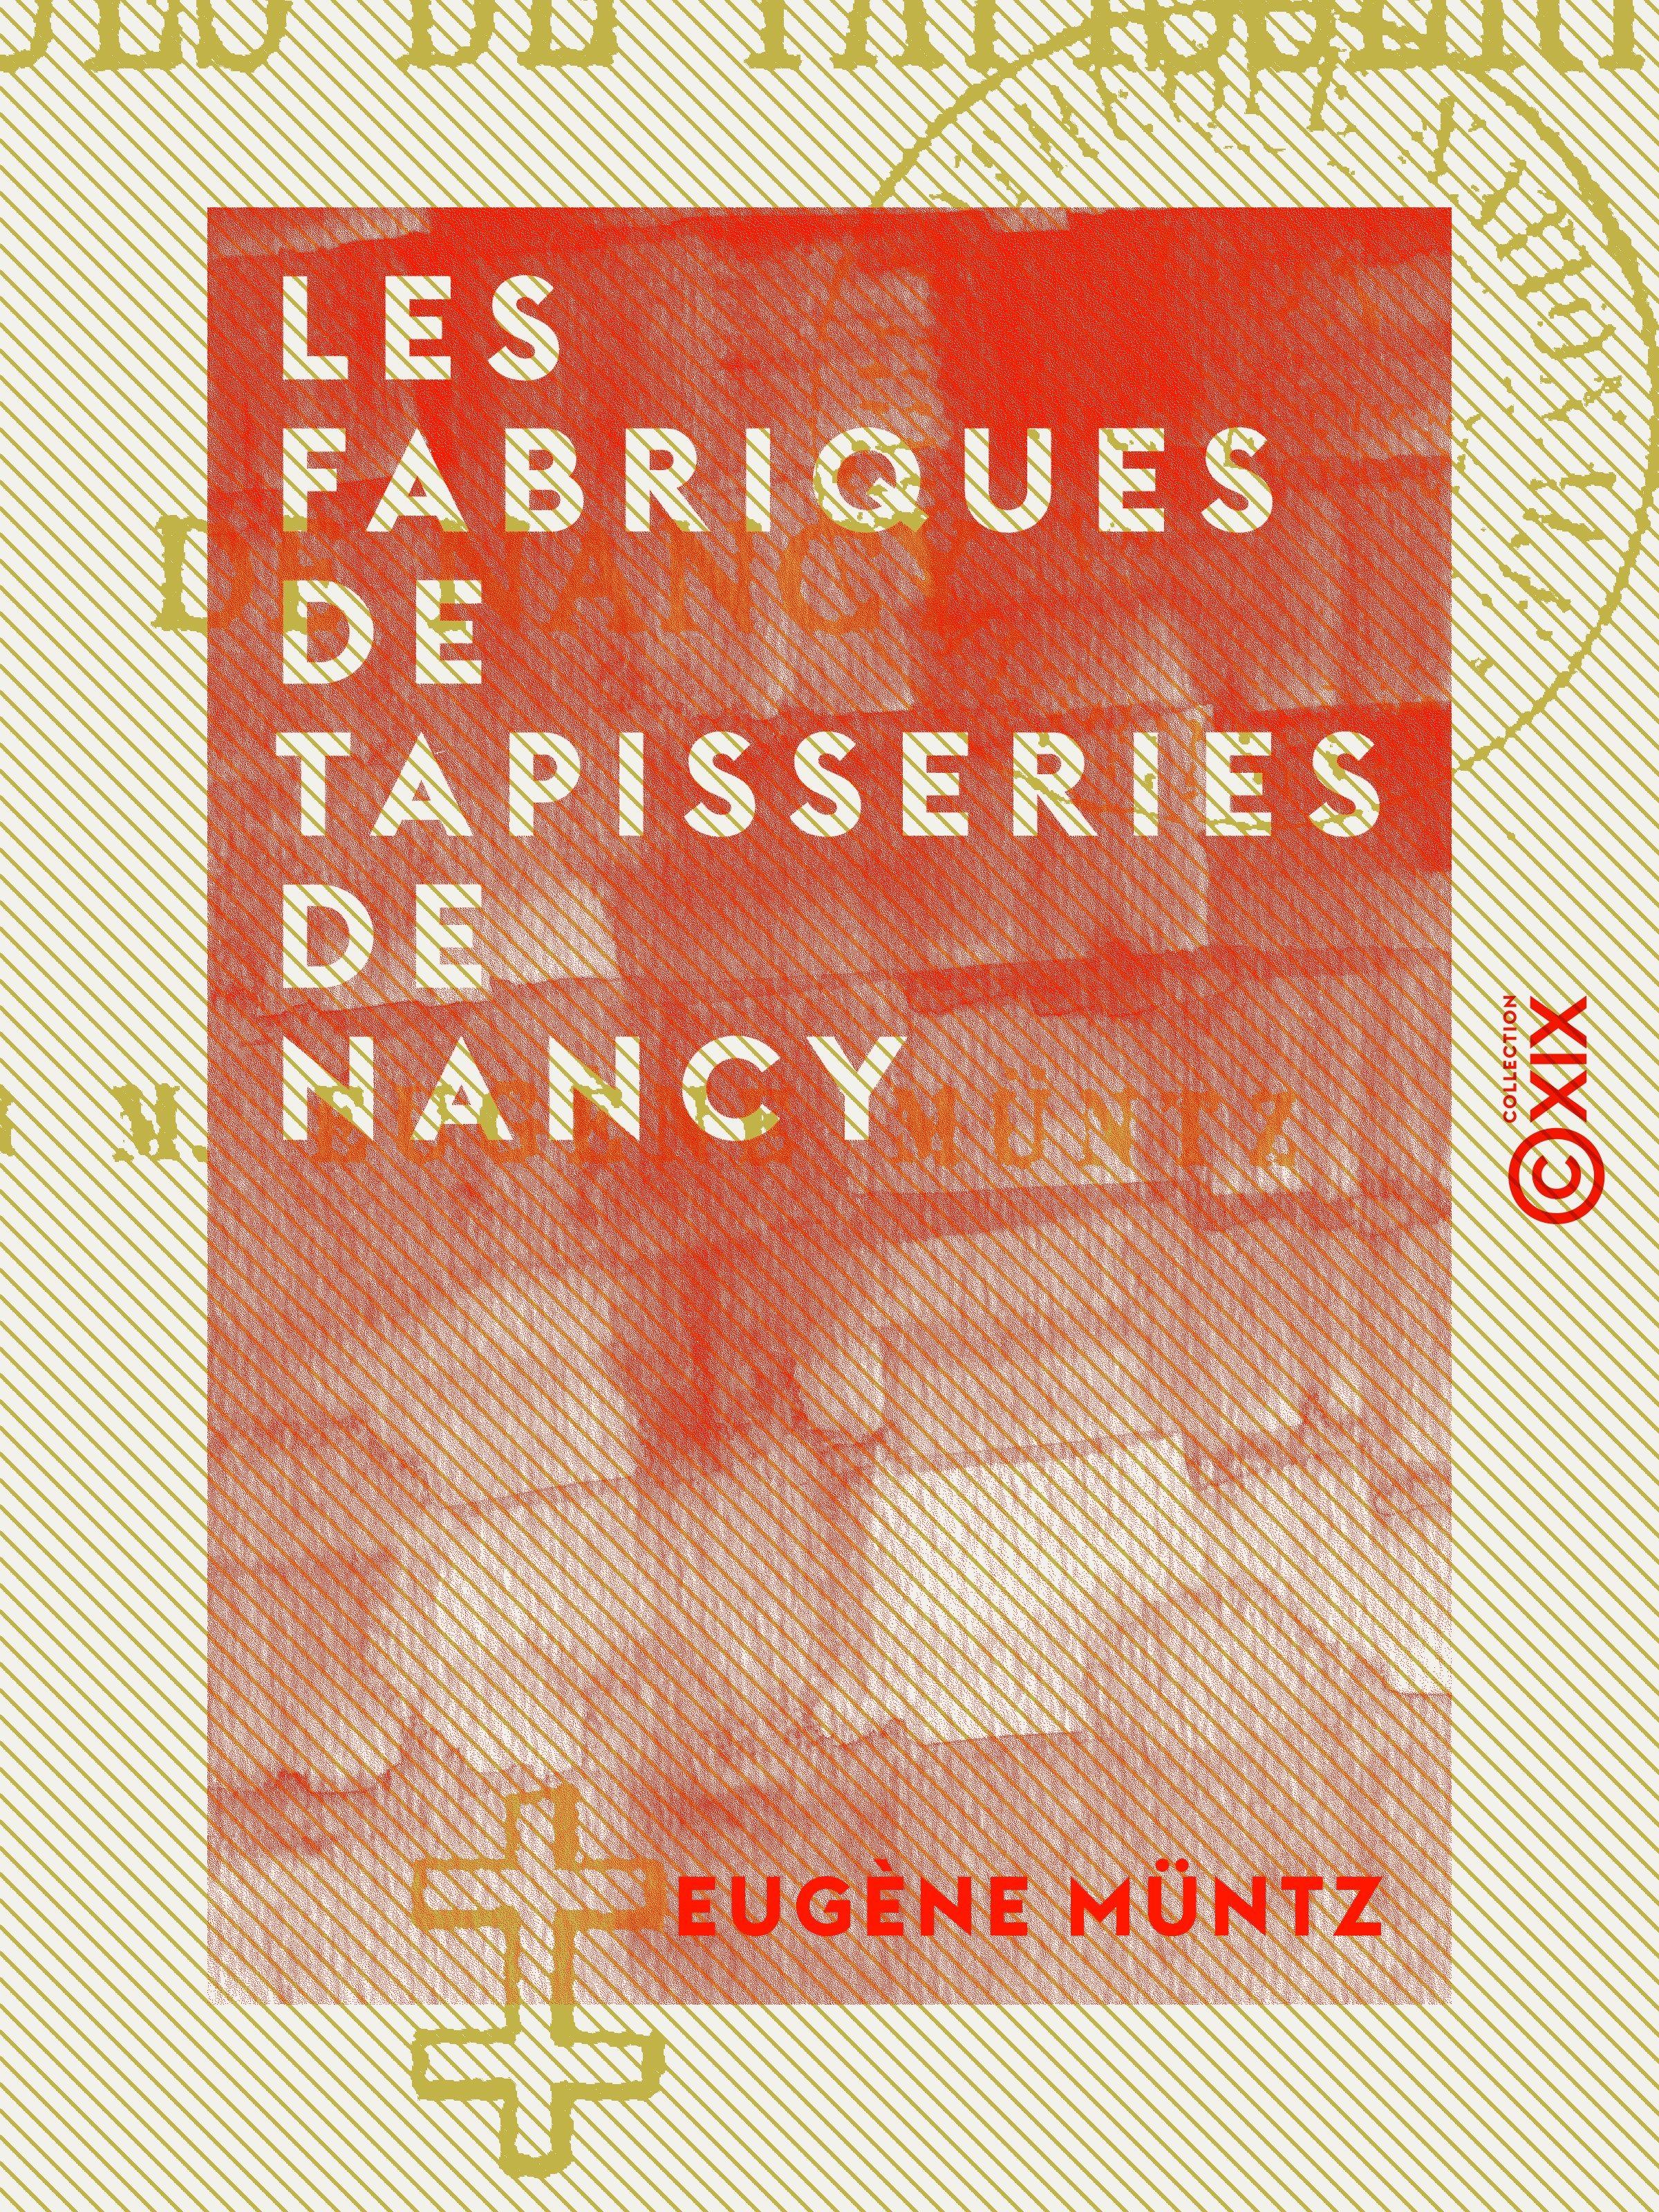 Les Fabriques de tapisseries de Nancy